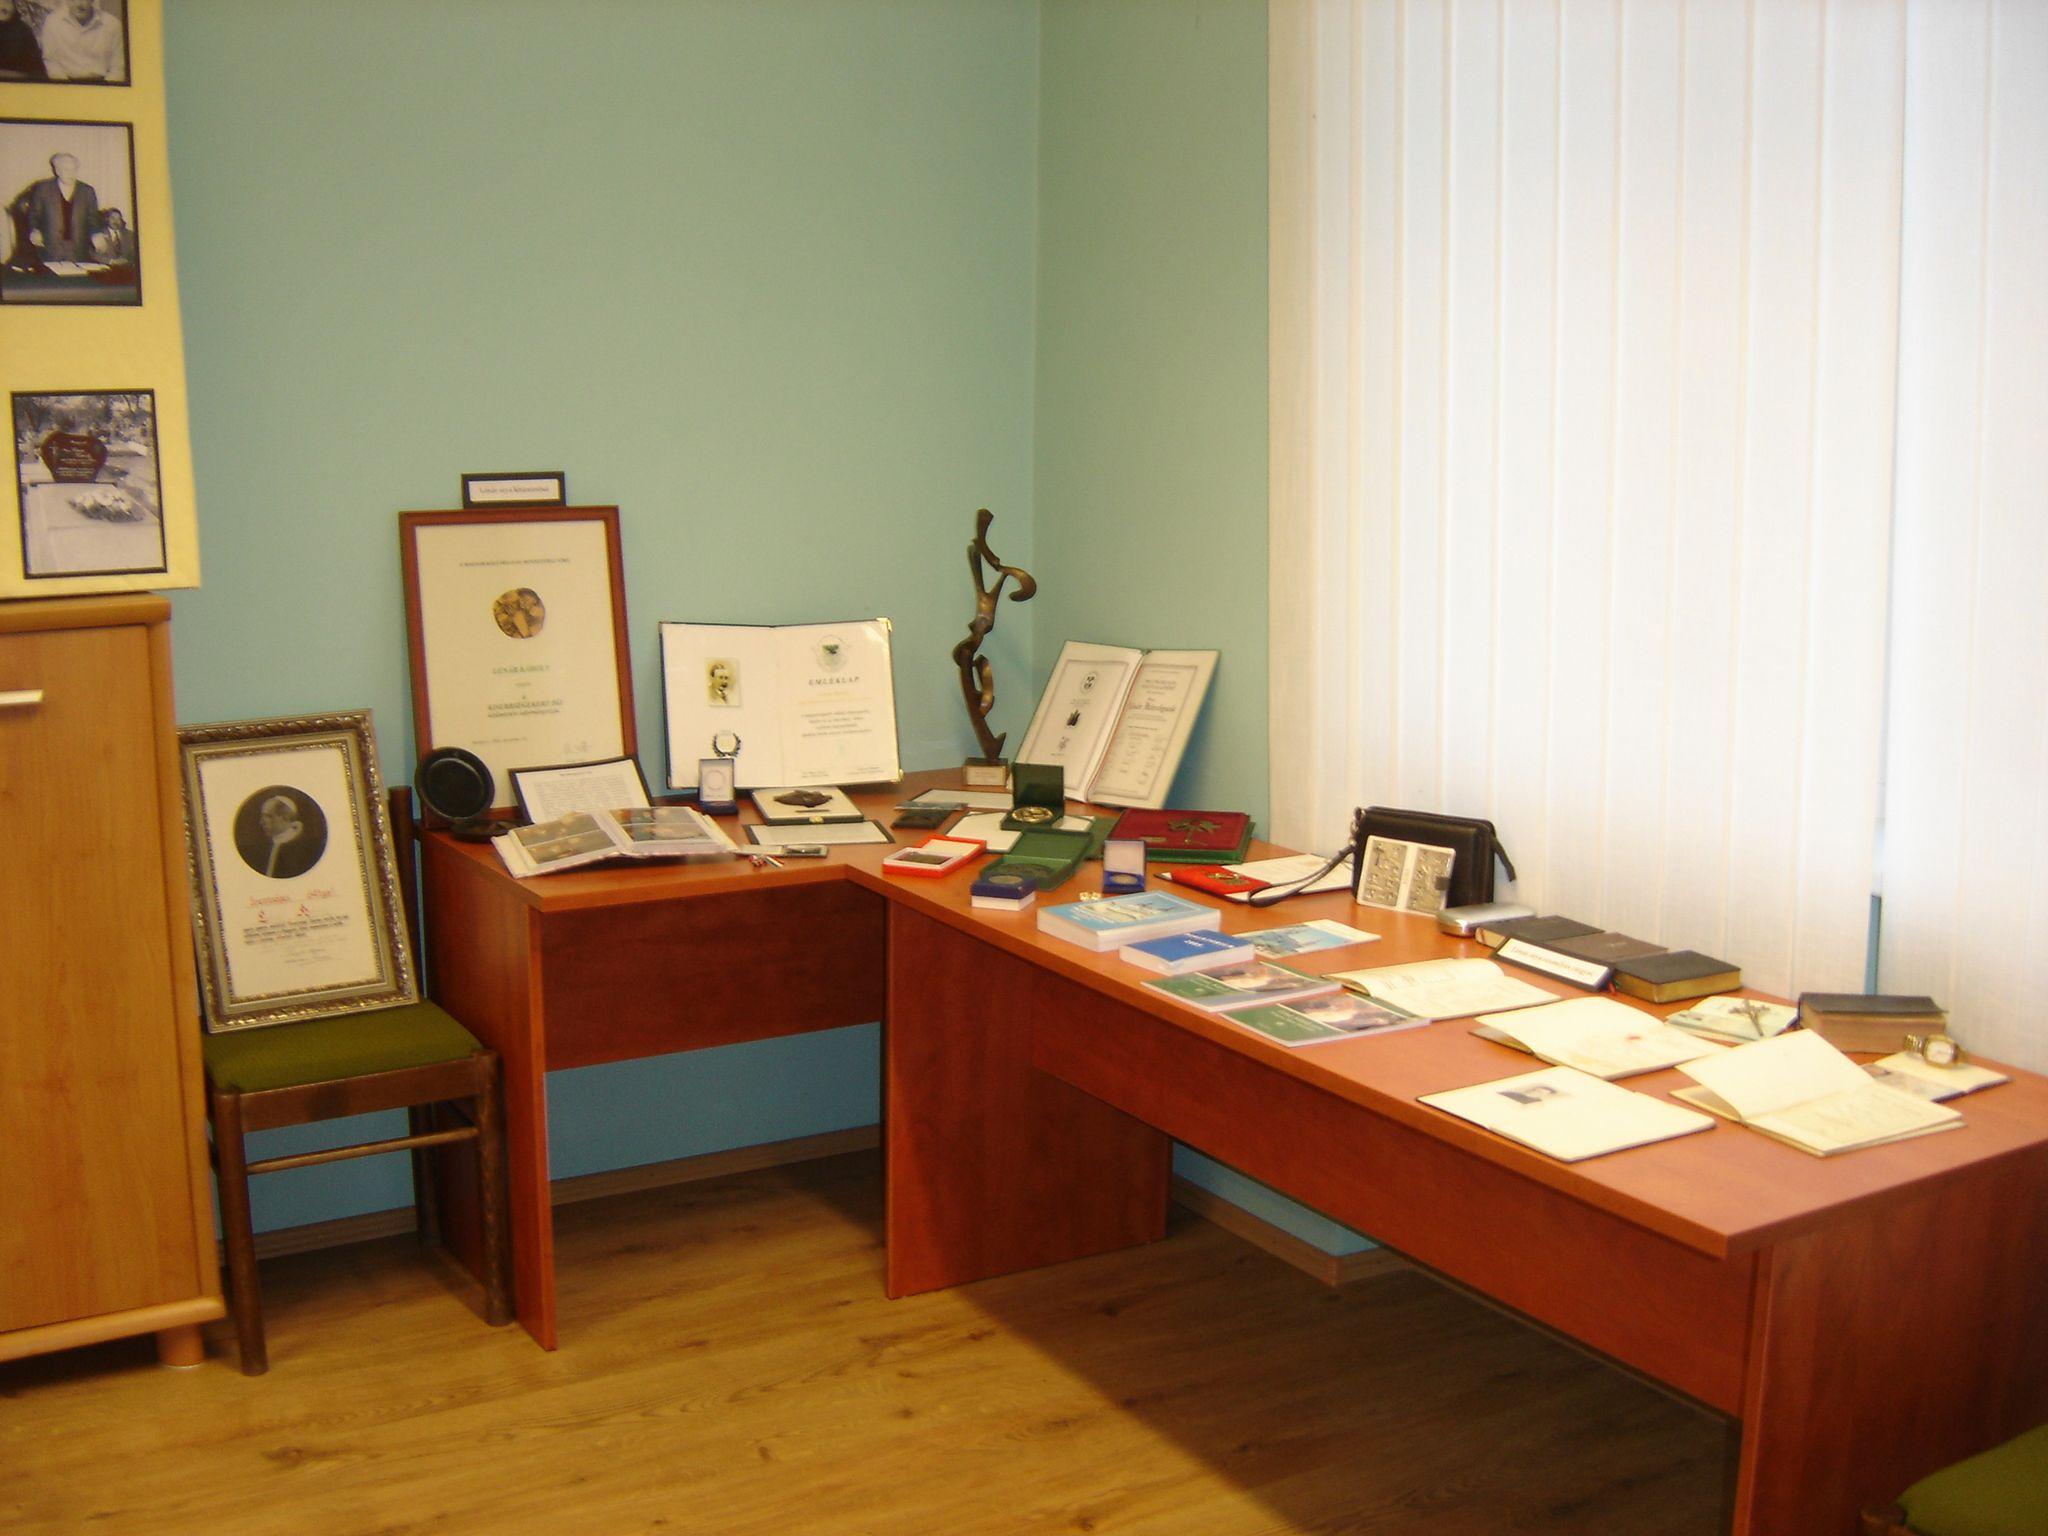 Lénár Károly személyes tárgyaiból rendezett kiállítás egy része. Fotó: Bodzsár Gy.